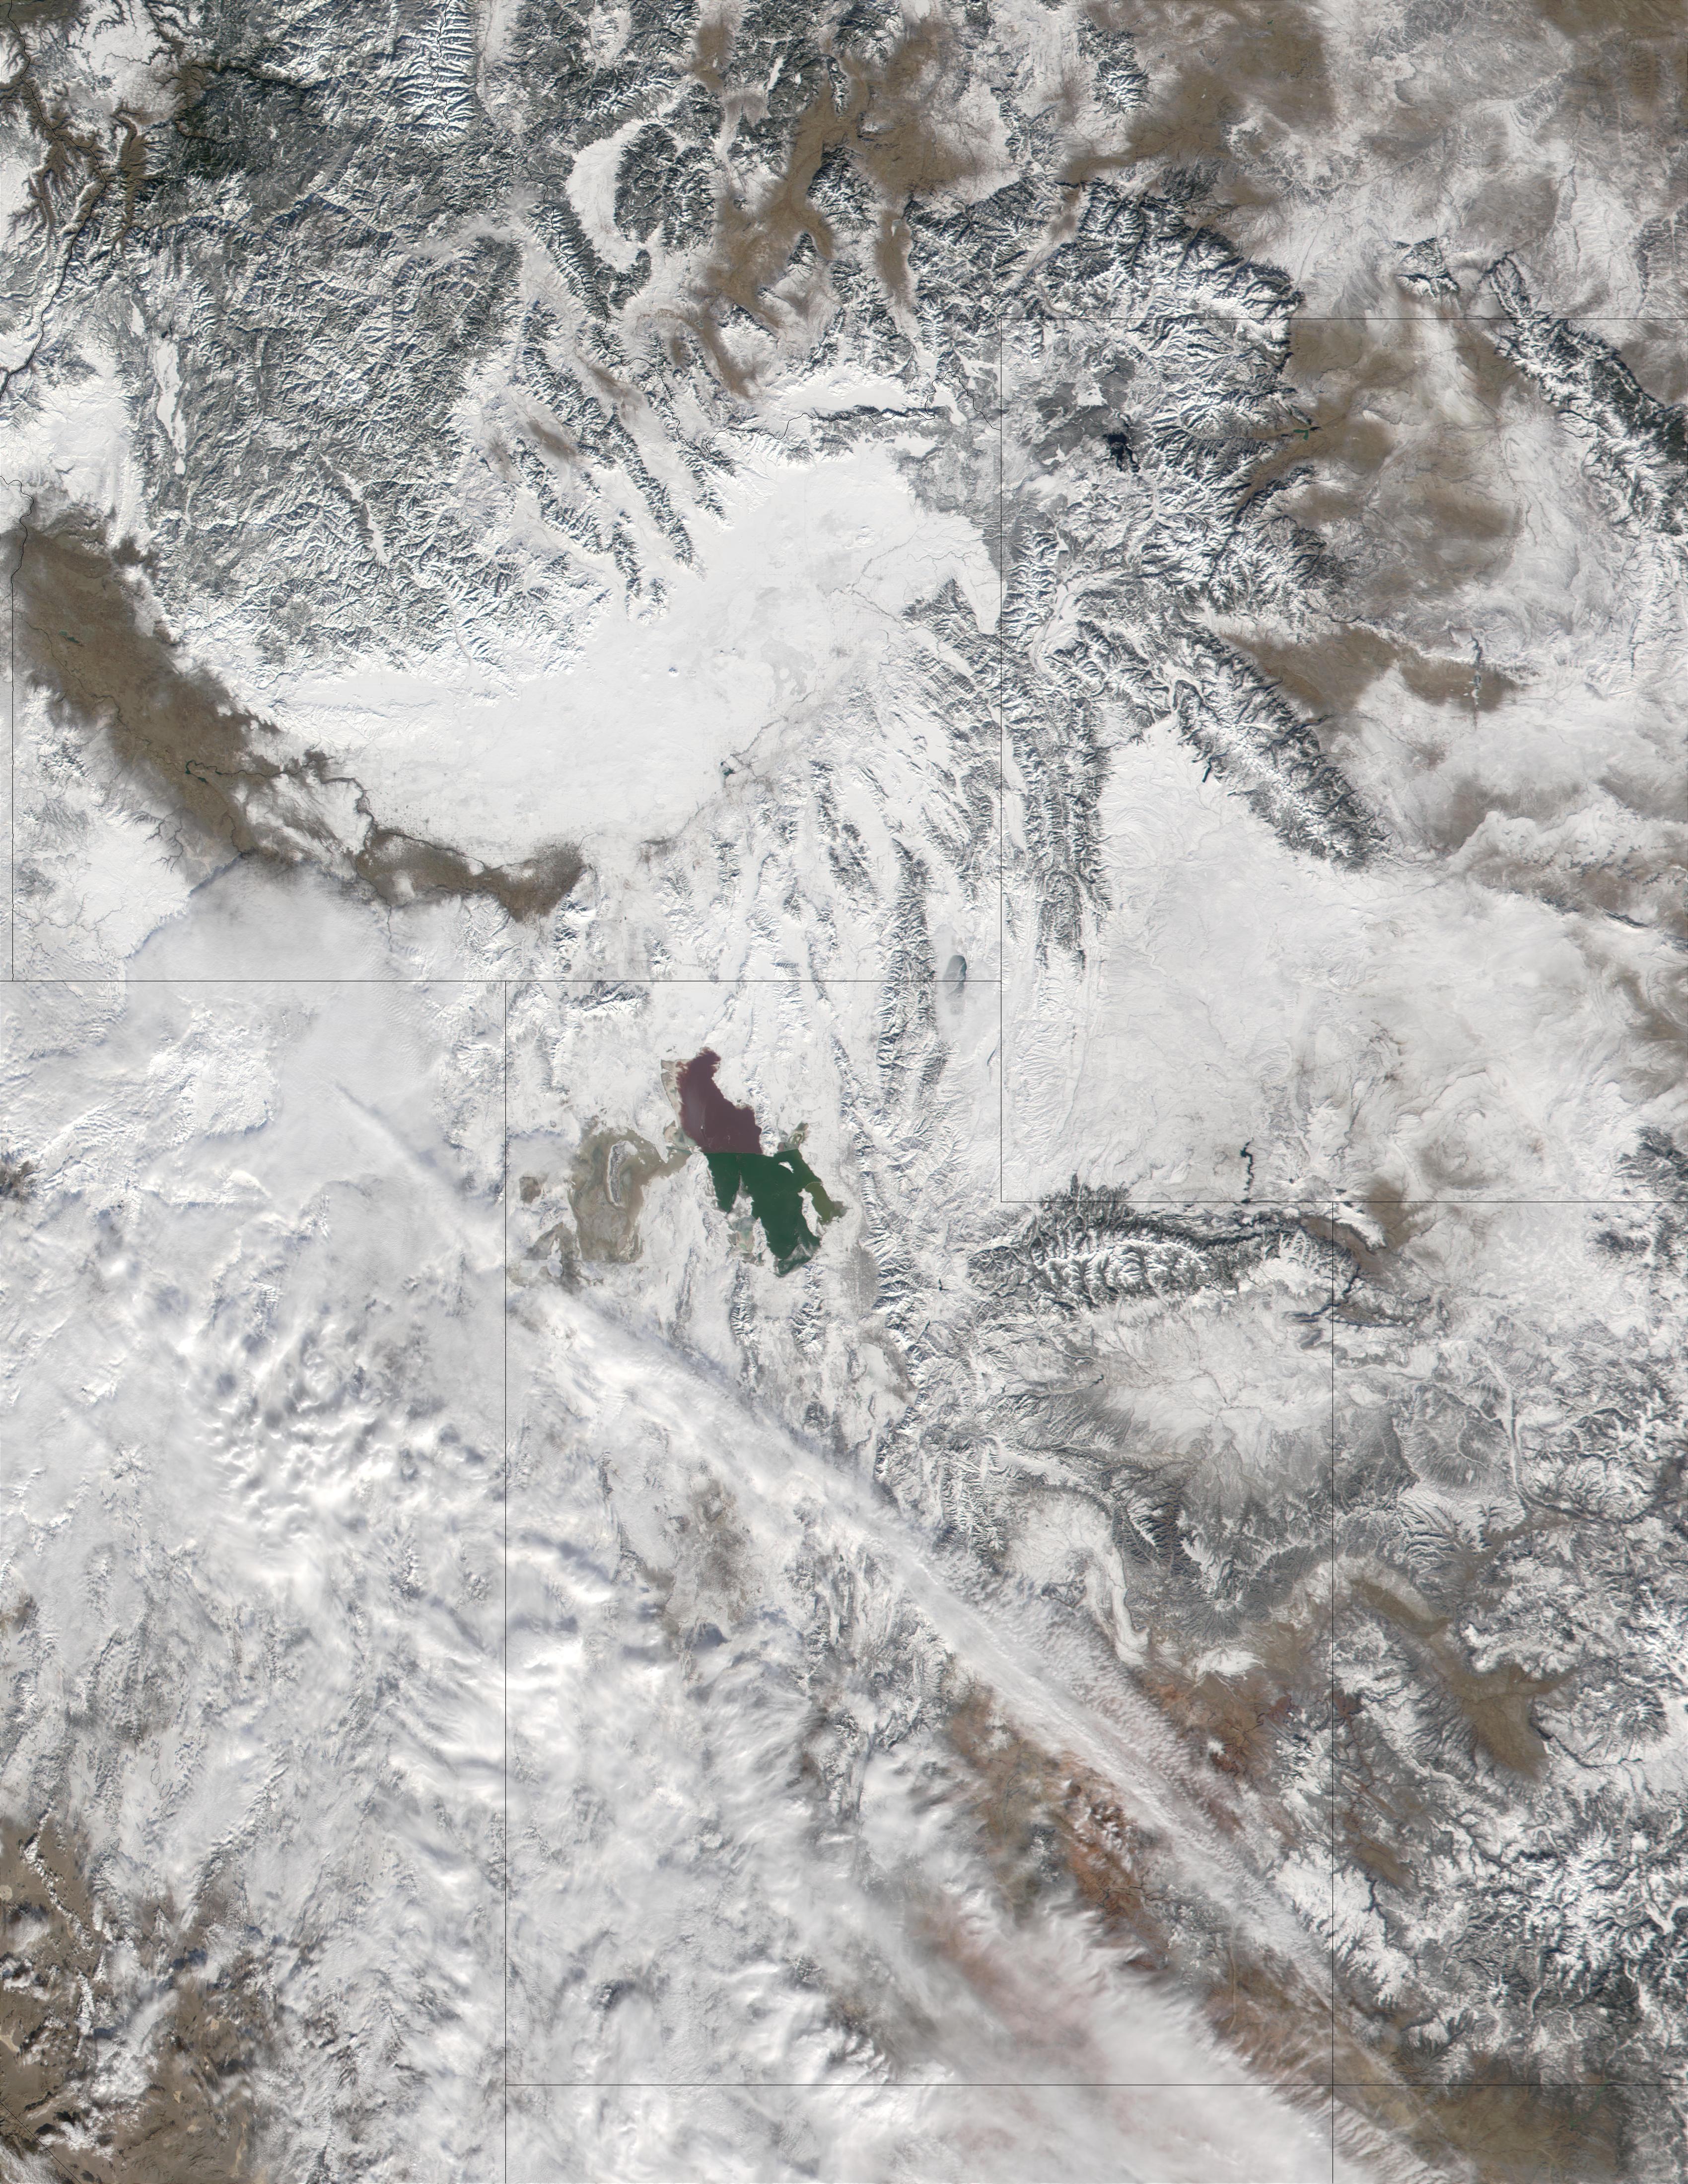 Nieve en Utah y Estados Unidos occidental